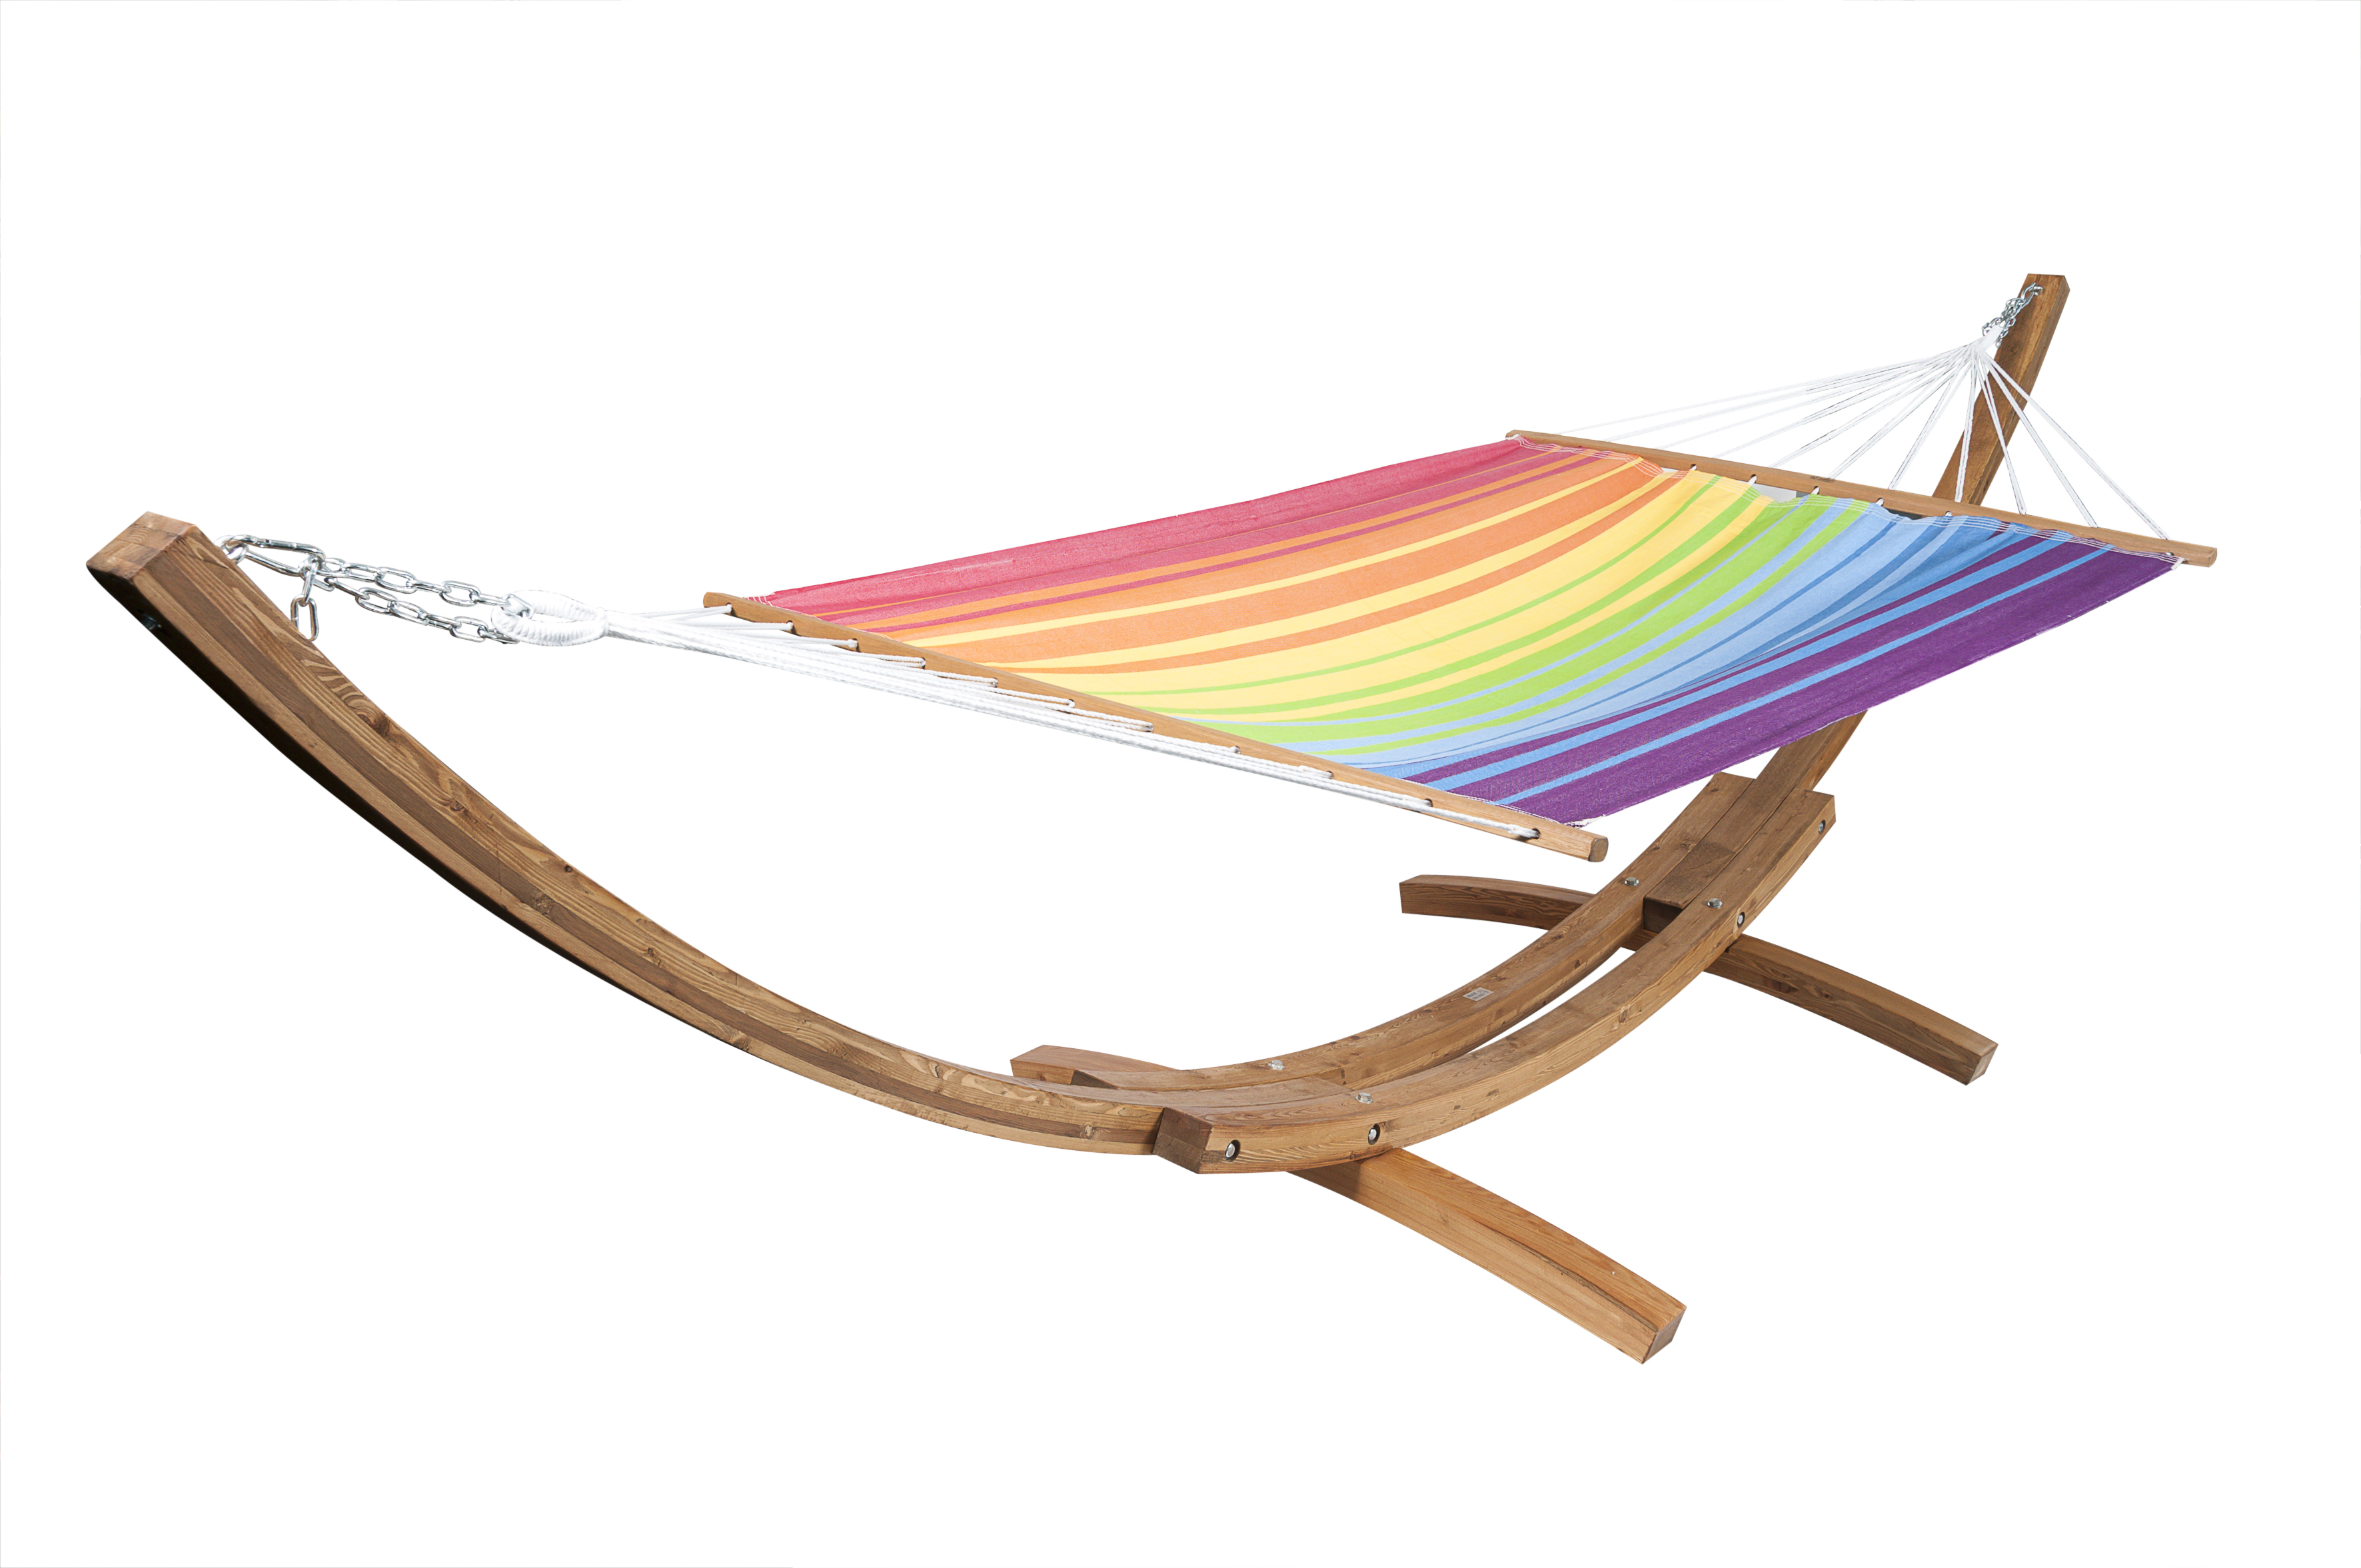 hamac et support jobek. Black Bedroom Furniture Sets. Home Design Ideas